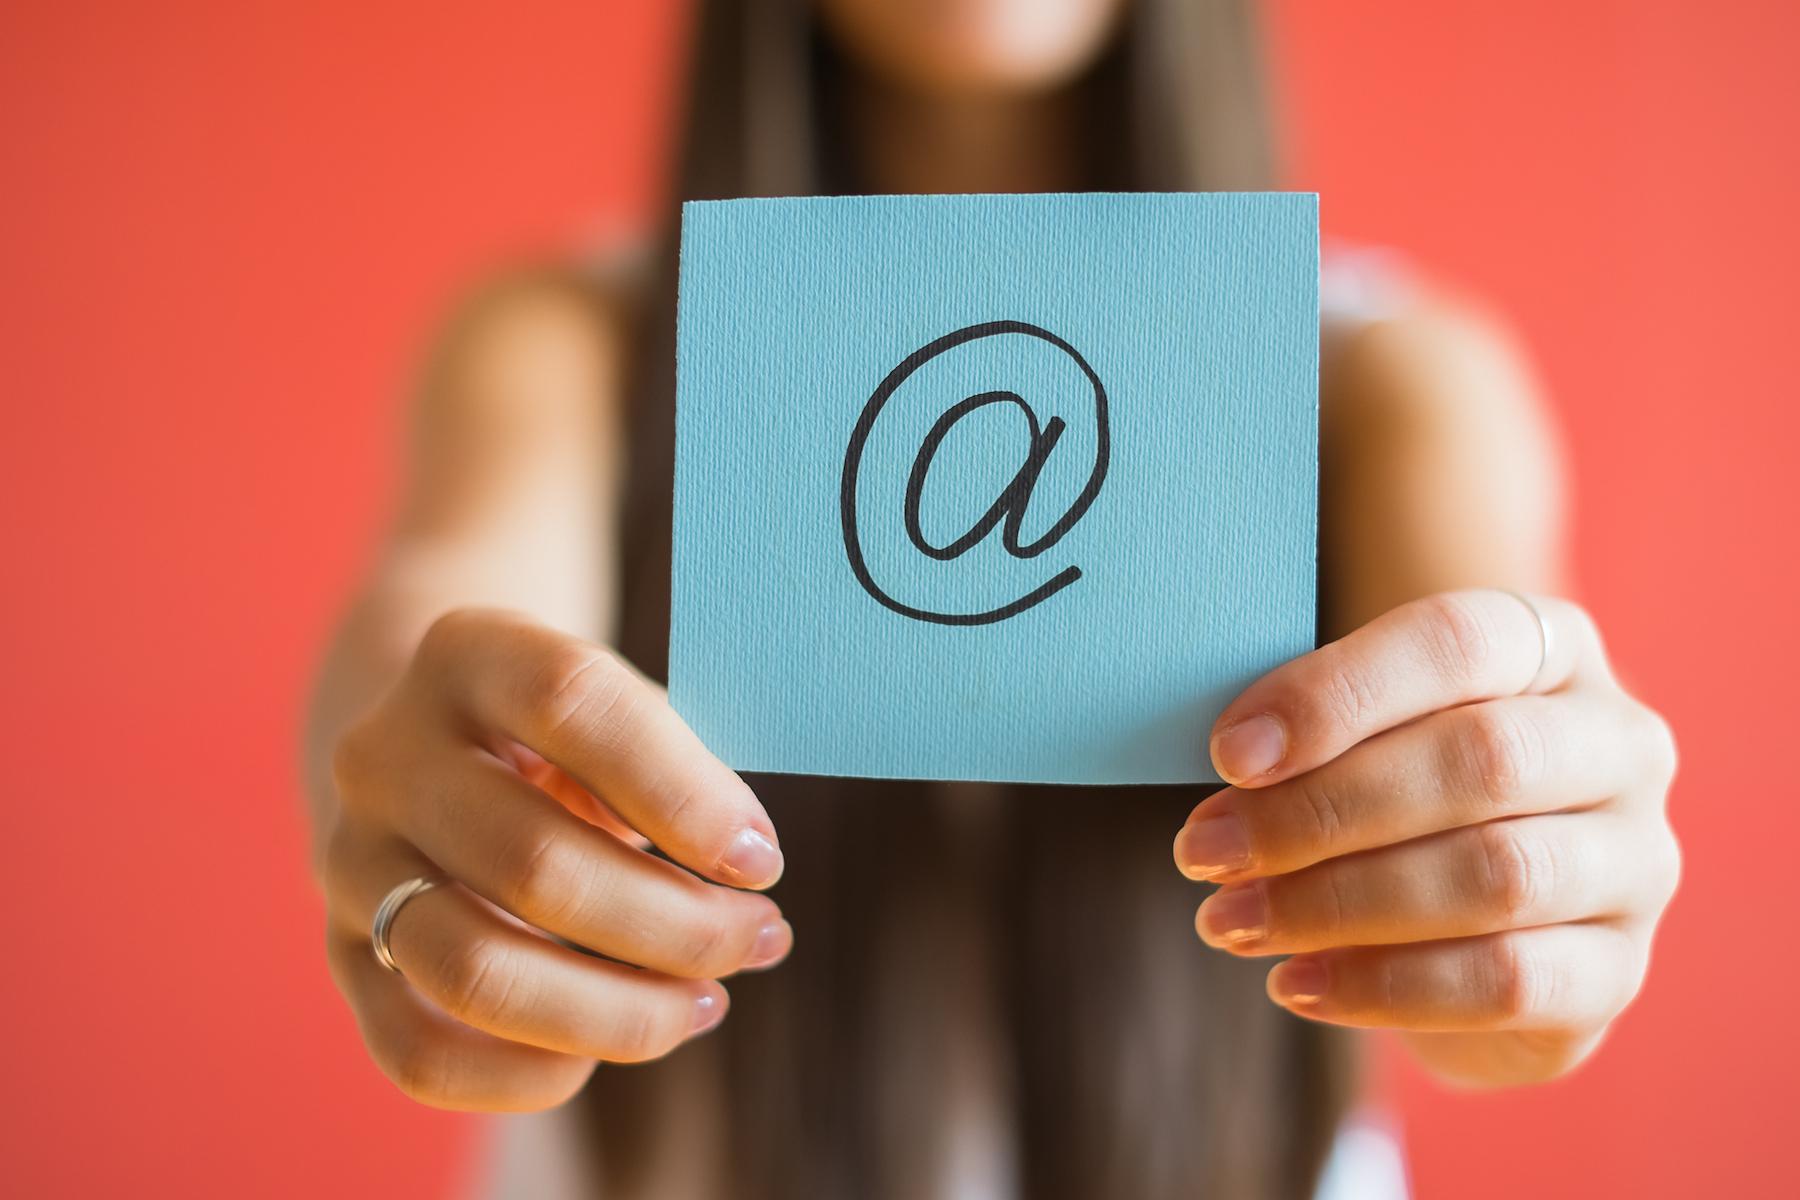 наших прикольные картинки для электронной почты наряд ниндзя